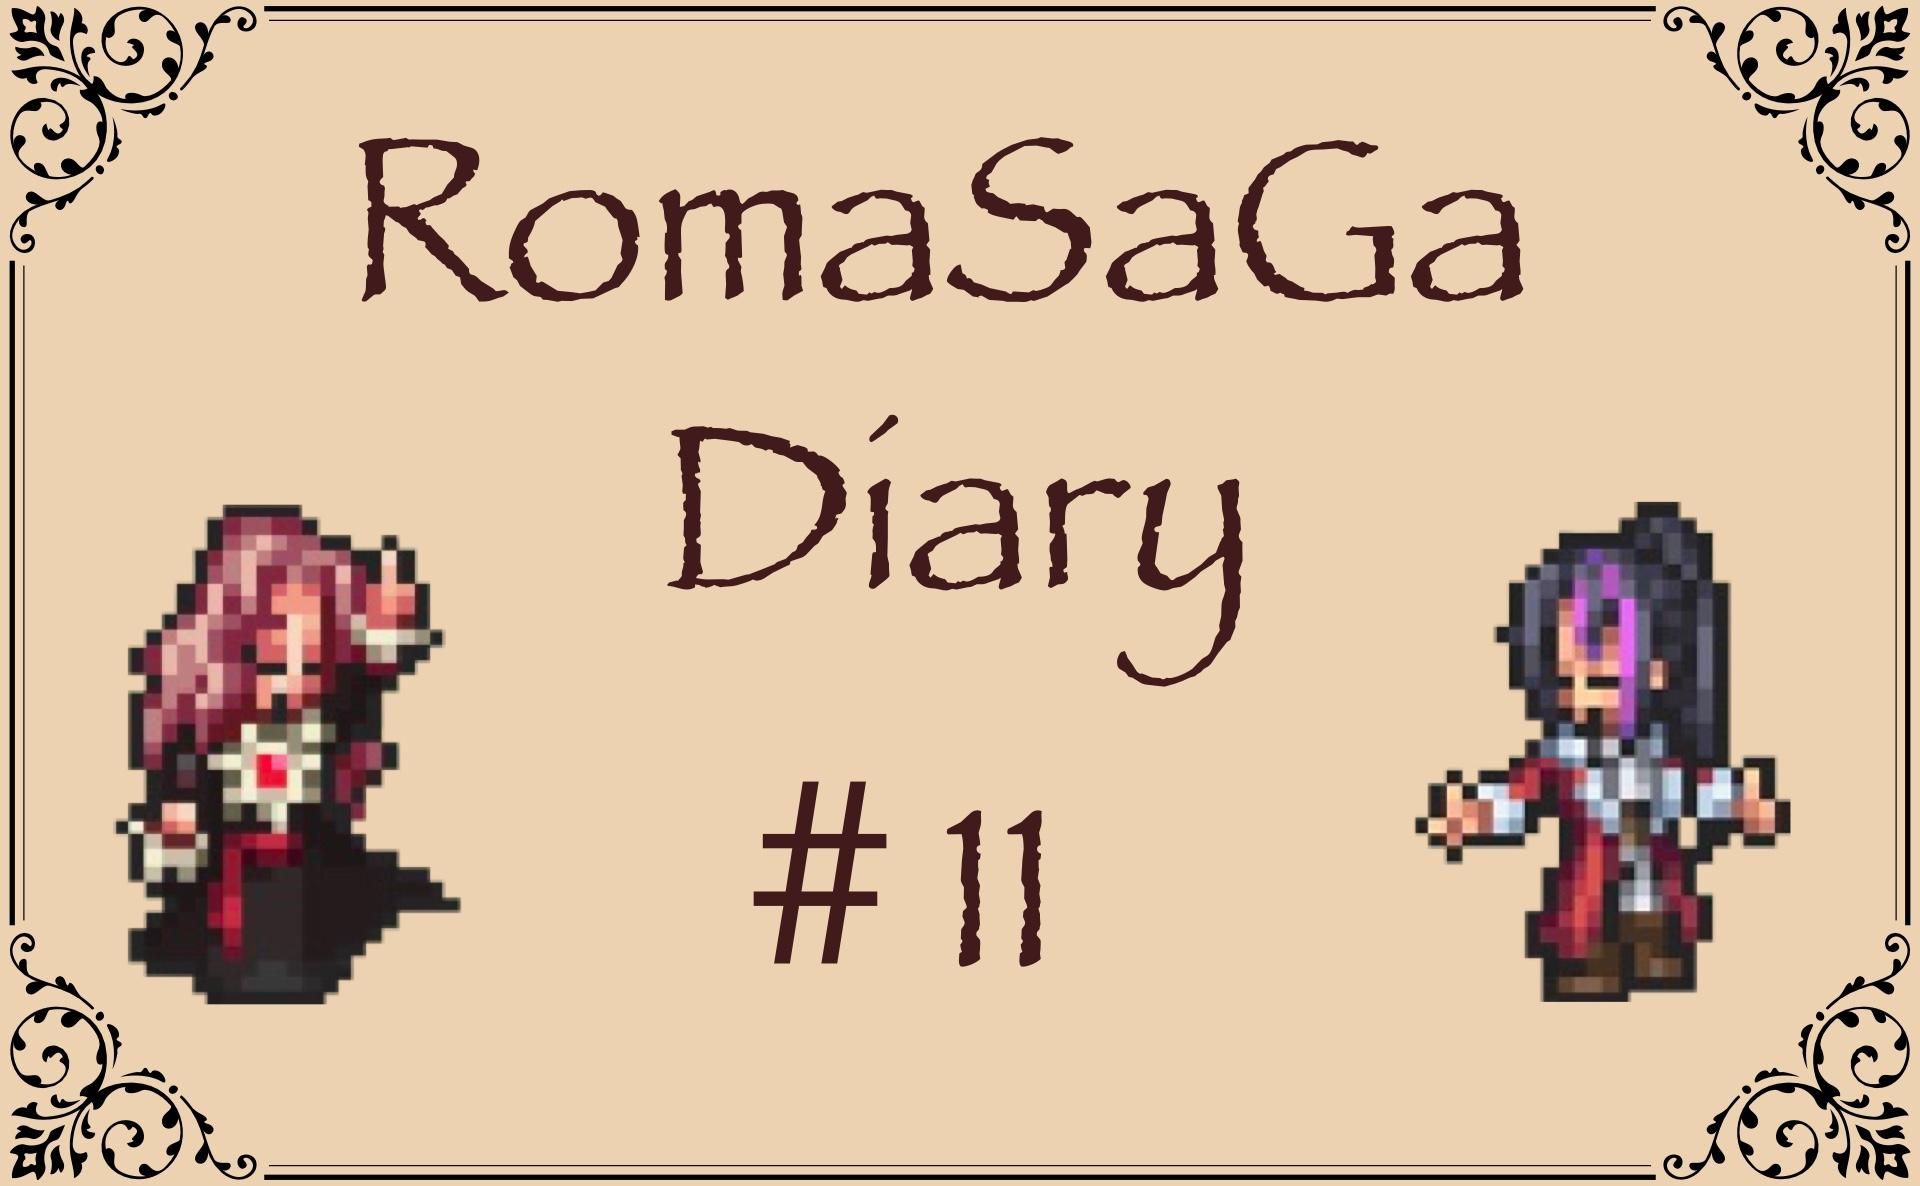 ロマサガDiary#11